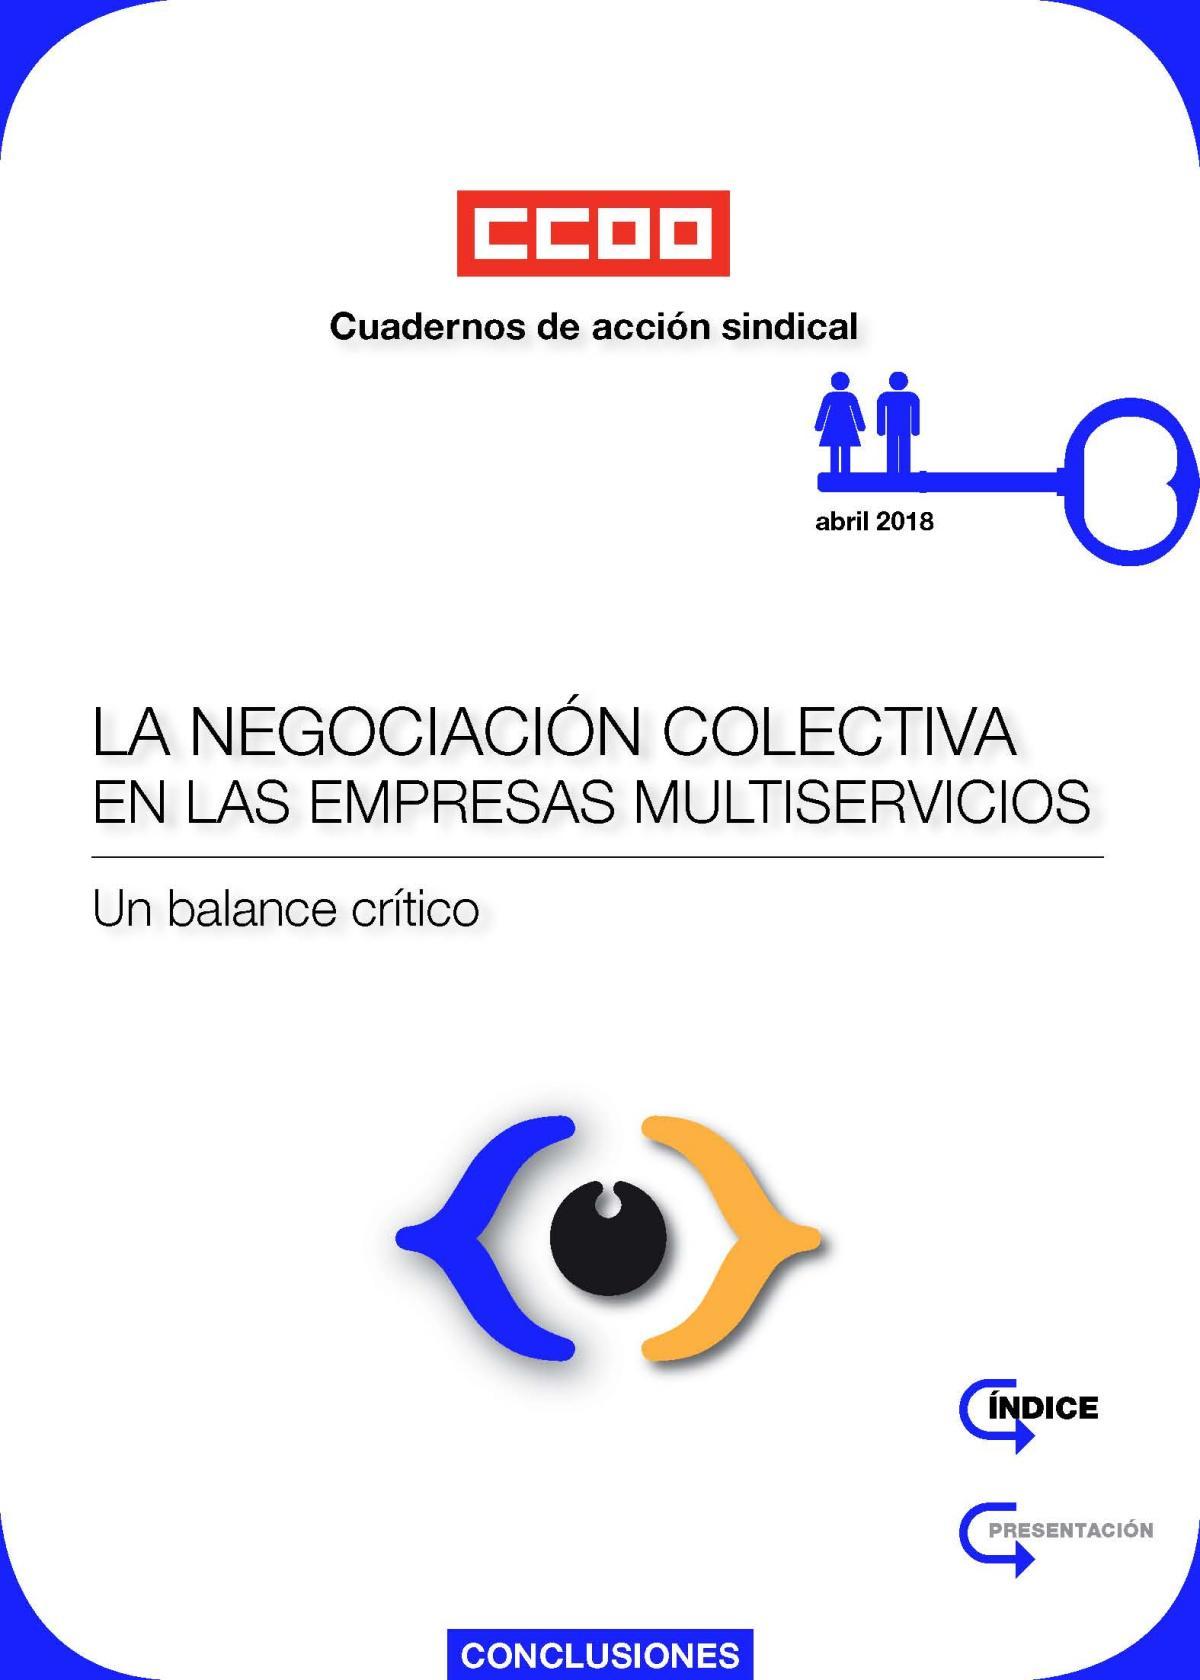 Confederación Sindical de Comisiones Obreras-Acción Sindical